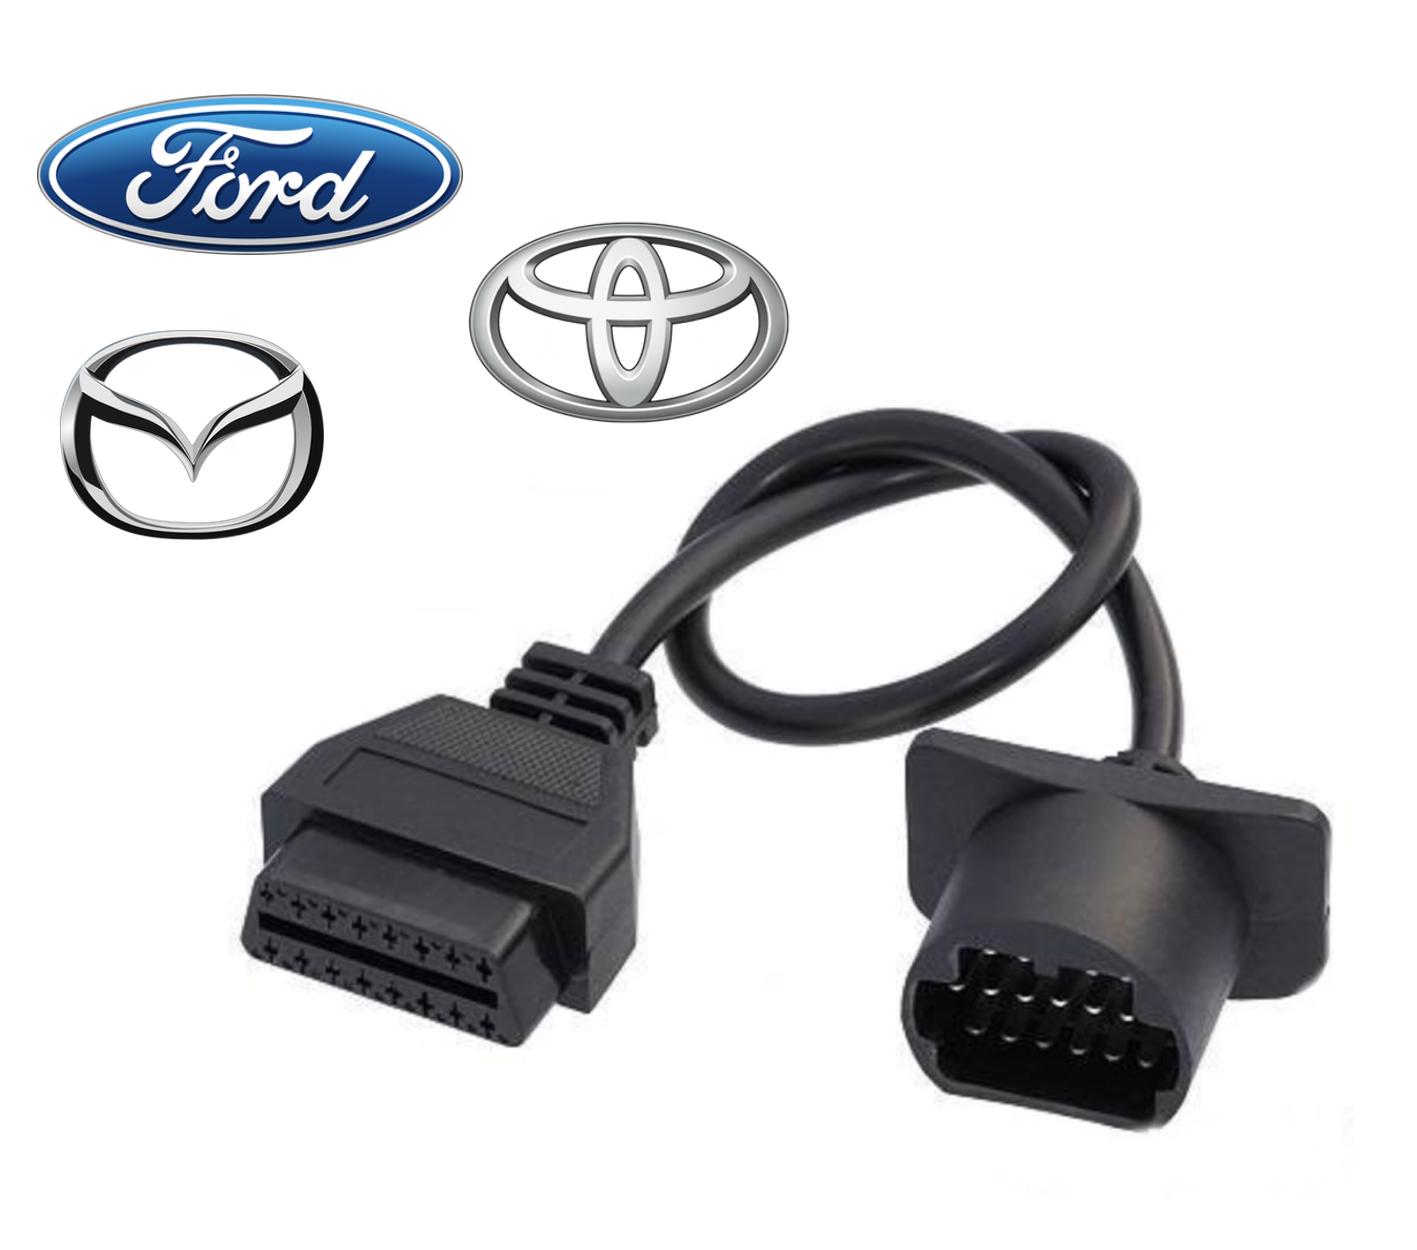 Adaptateur OBD2 Ford / Toyota / Mazda 17 broches